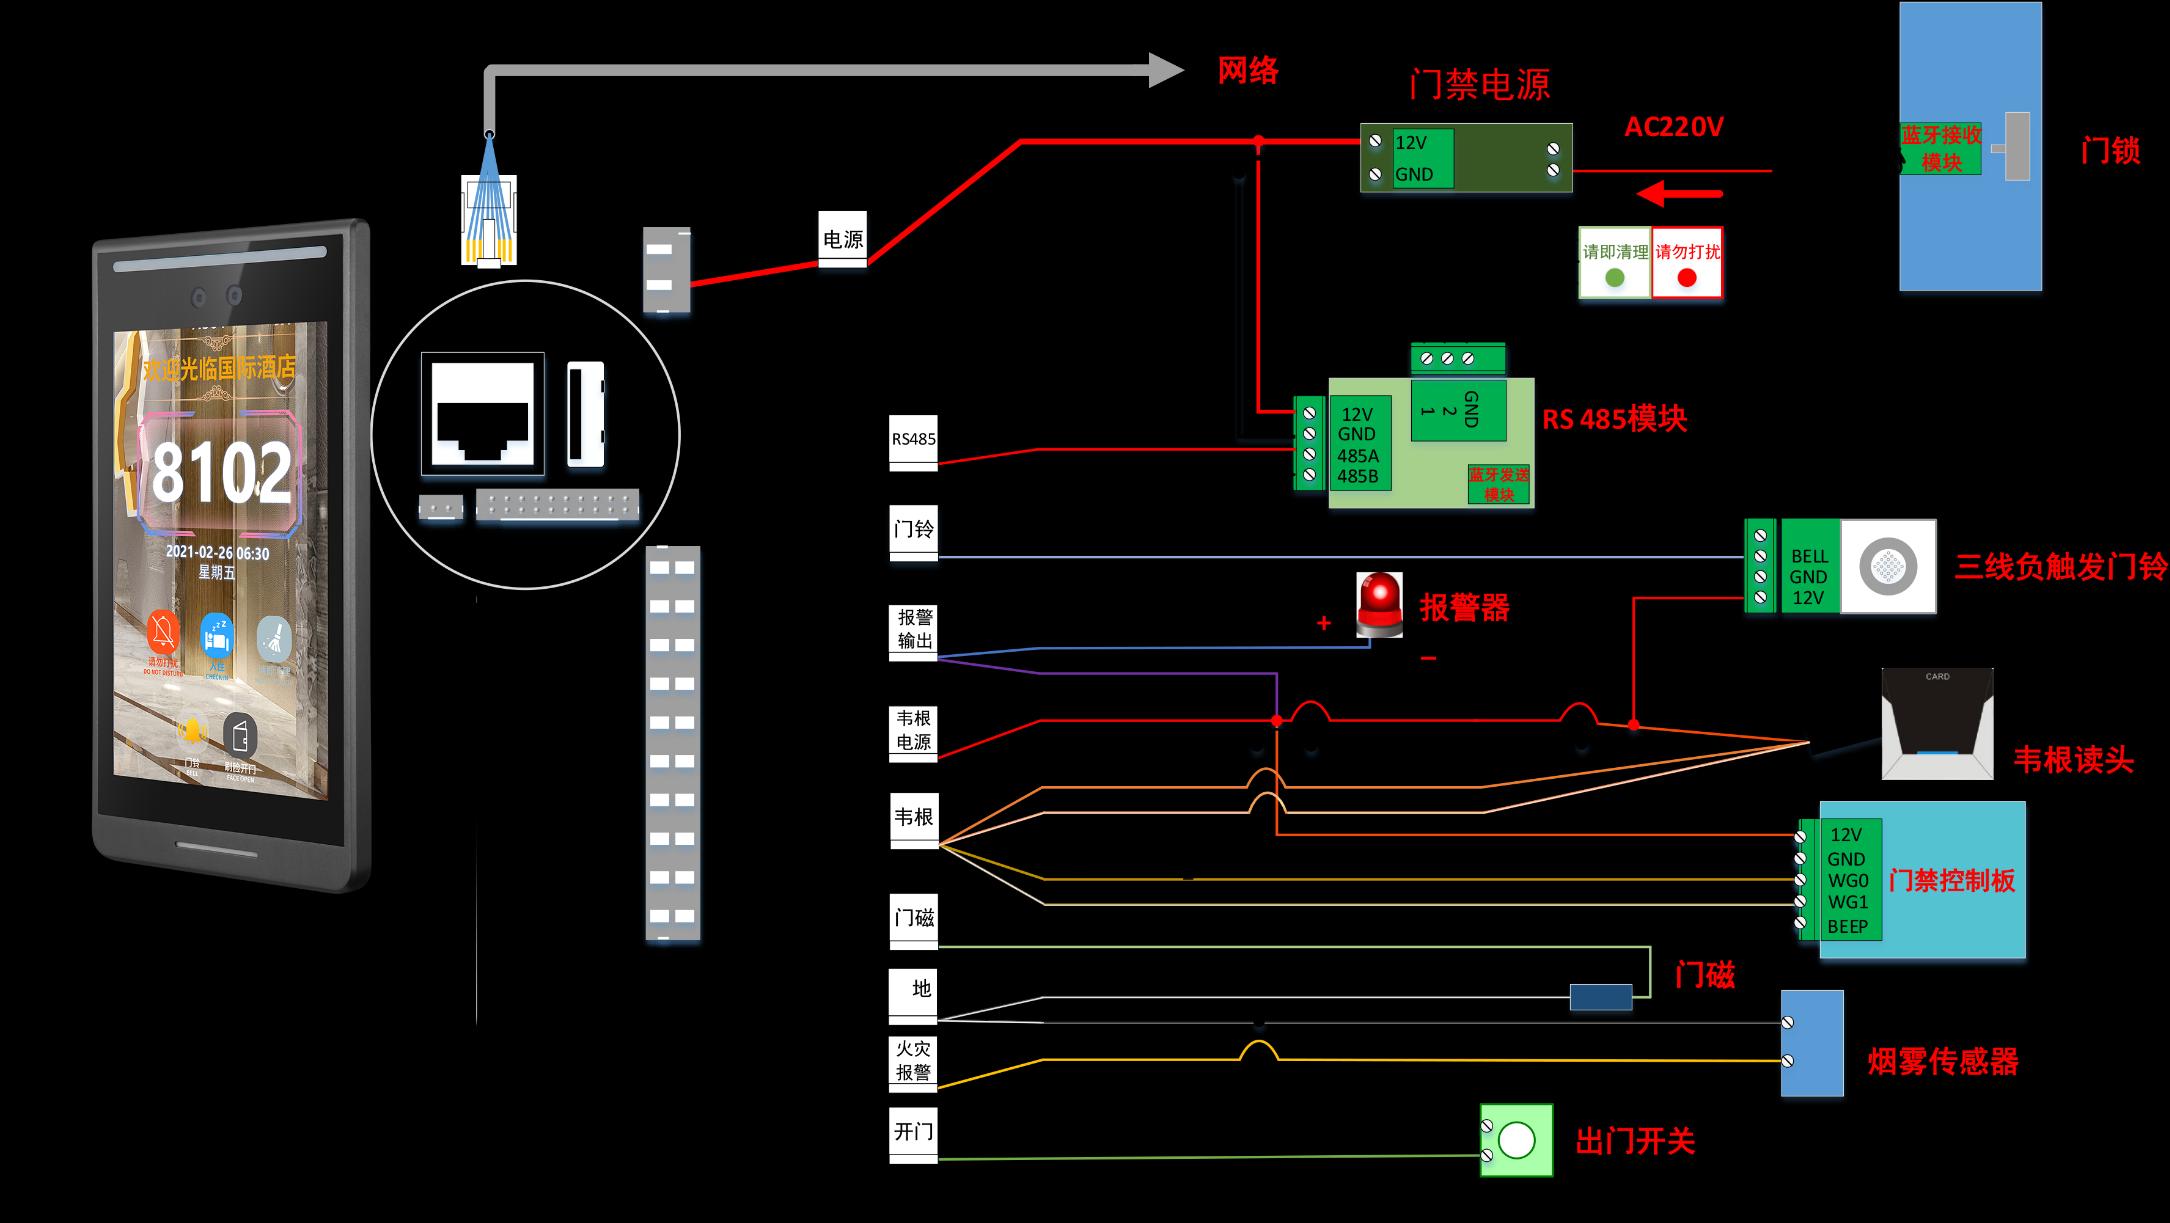 汉玛智慧HM8102触摸酒店人脸识别门禁系统-产品接口定义图